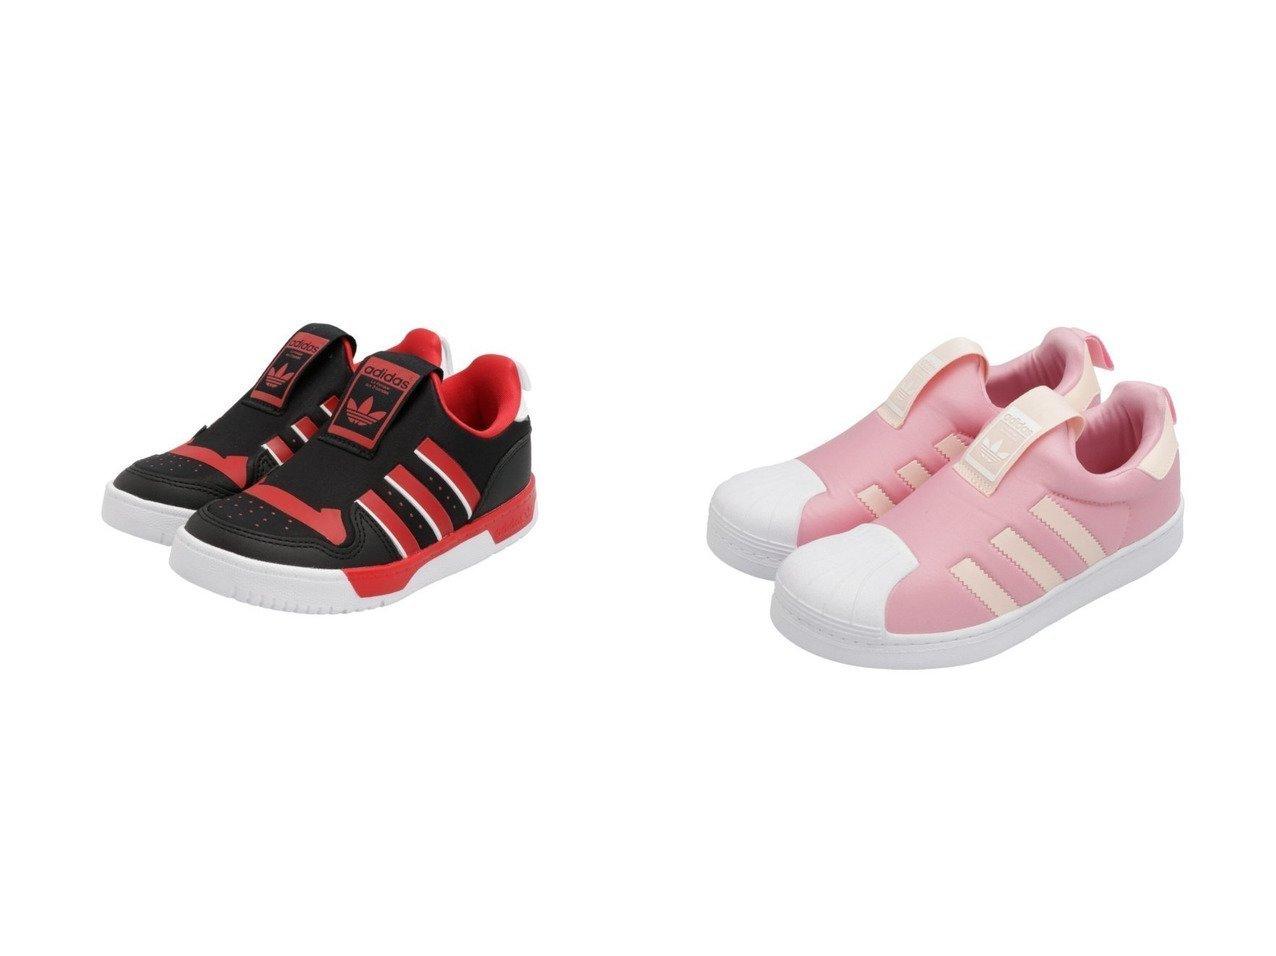 【adidas Originals / KIDS/アディダス オリジナルス】のライバルリー ロー 360 [Rivalry Low 360] アディダスオリジナルス(キッズ/子供用)&SST 360 C 【KIDS】子供服のおすすめ!人気、キッズファッションの通販 おすすめで人気のファッション通販商品 インテリア・家具・キッズファッション・メンズファッション・レディースファッション・服の通販 founy(ファニー) https://founy.com/ ファッション Fashion キッズ KIDS クラシック シューズ スニーカー スリッポン ストレッチ メッシュ  ID:crp329100000003770